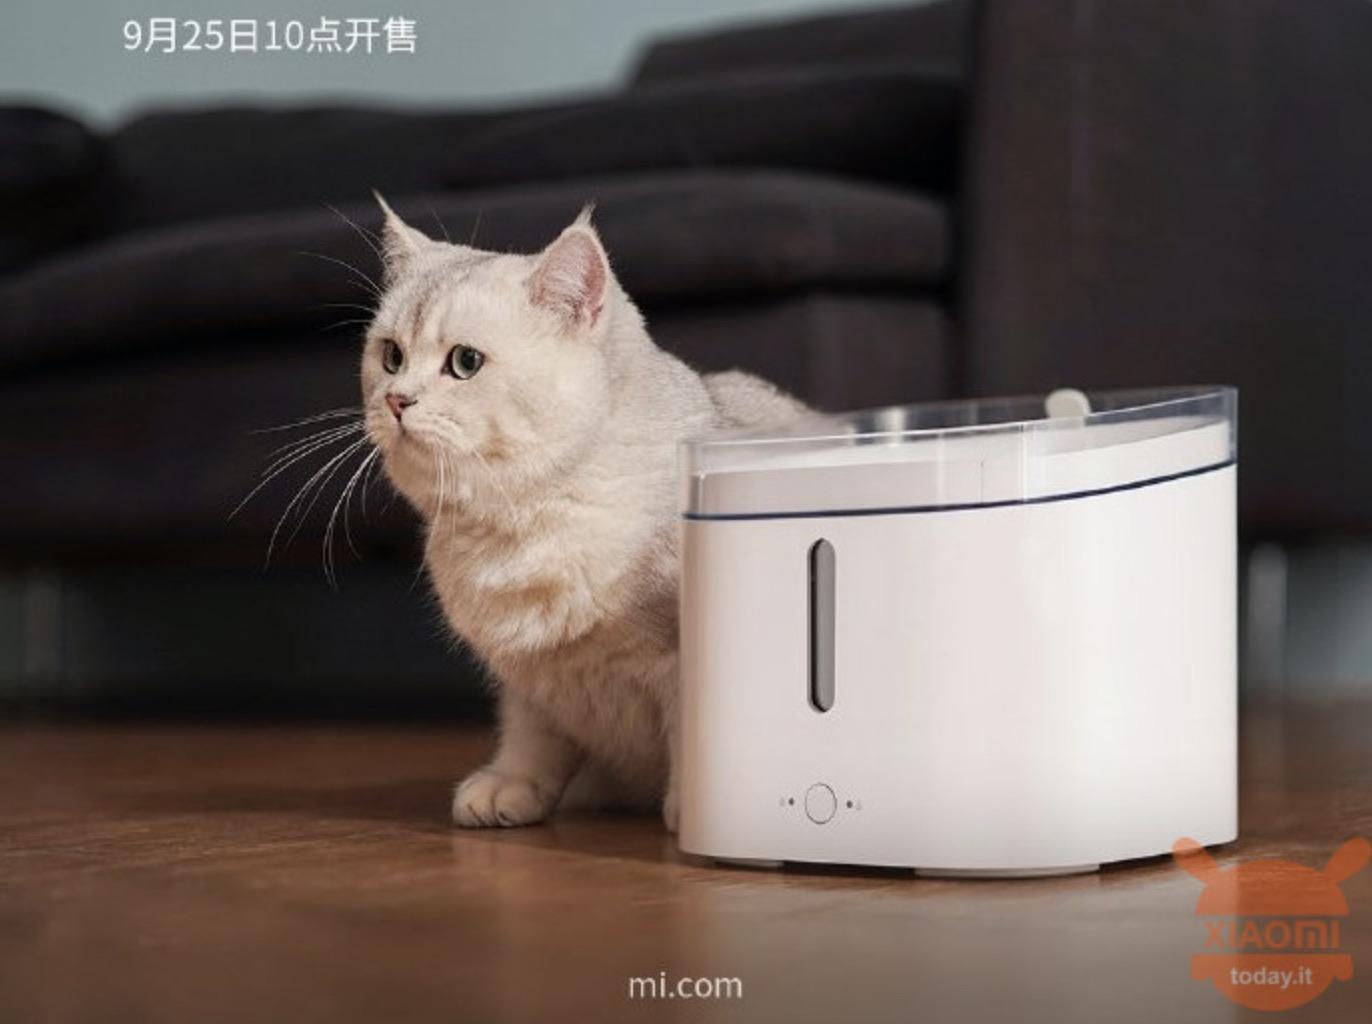 Xiaomi Mijia Smart Pet Water Dispenser